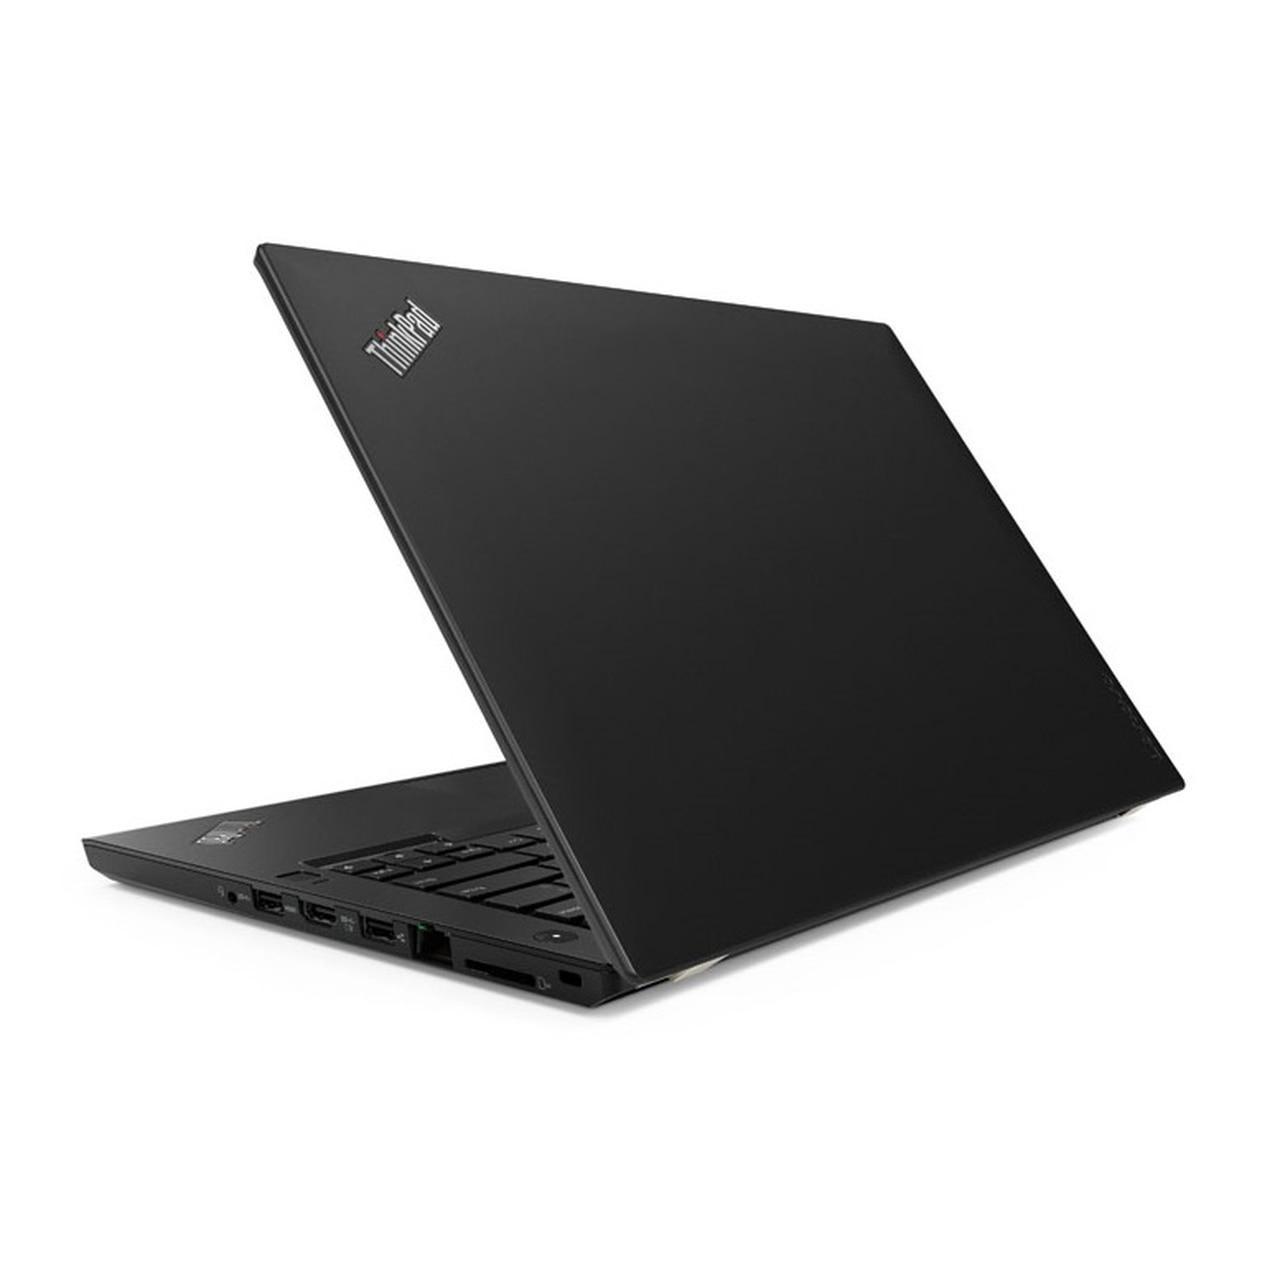 Lenovo ThinkPad T480 14-inch (2018) - Core i5-8350U - 16GB - SSD 256 GB QWERTY - English (US)